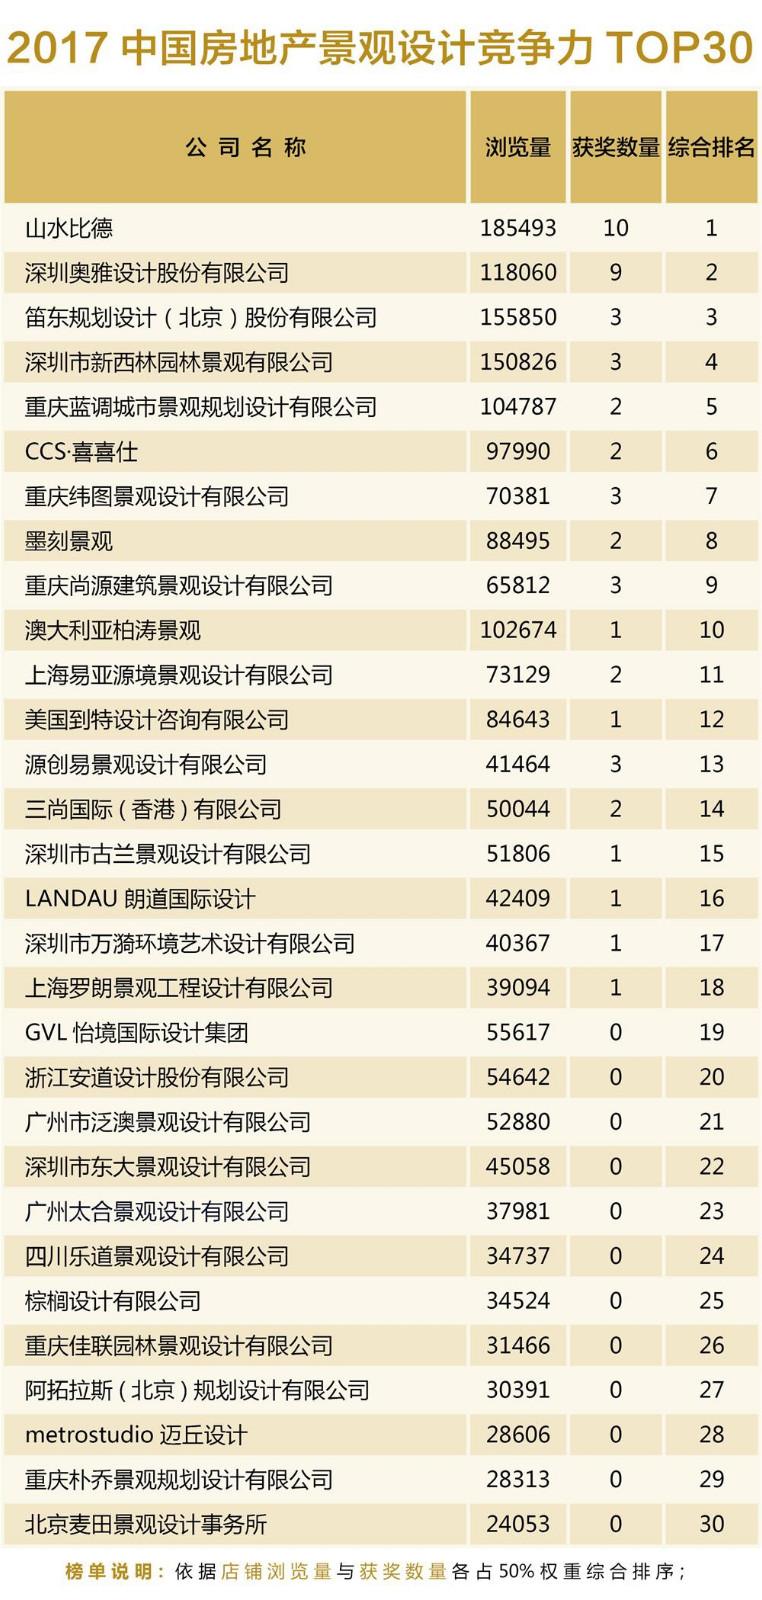 2017中国房地产景观设计竞争力TOP30